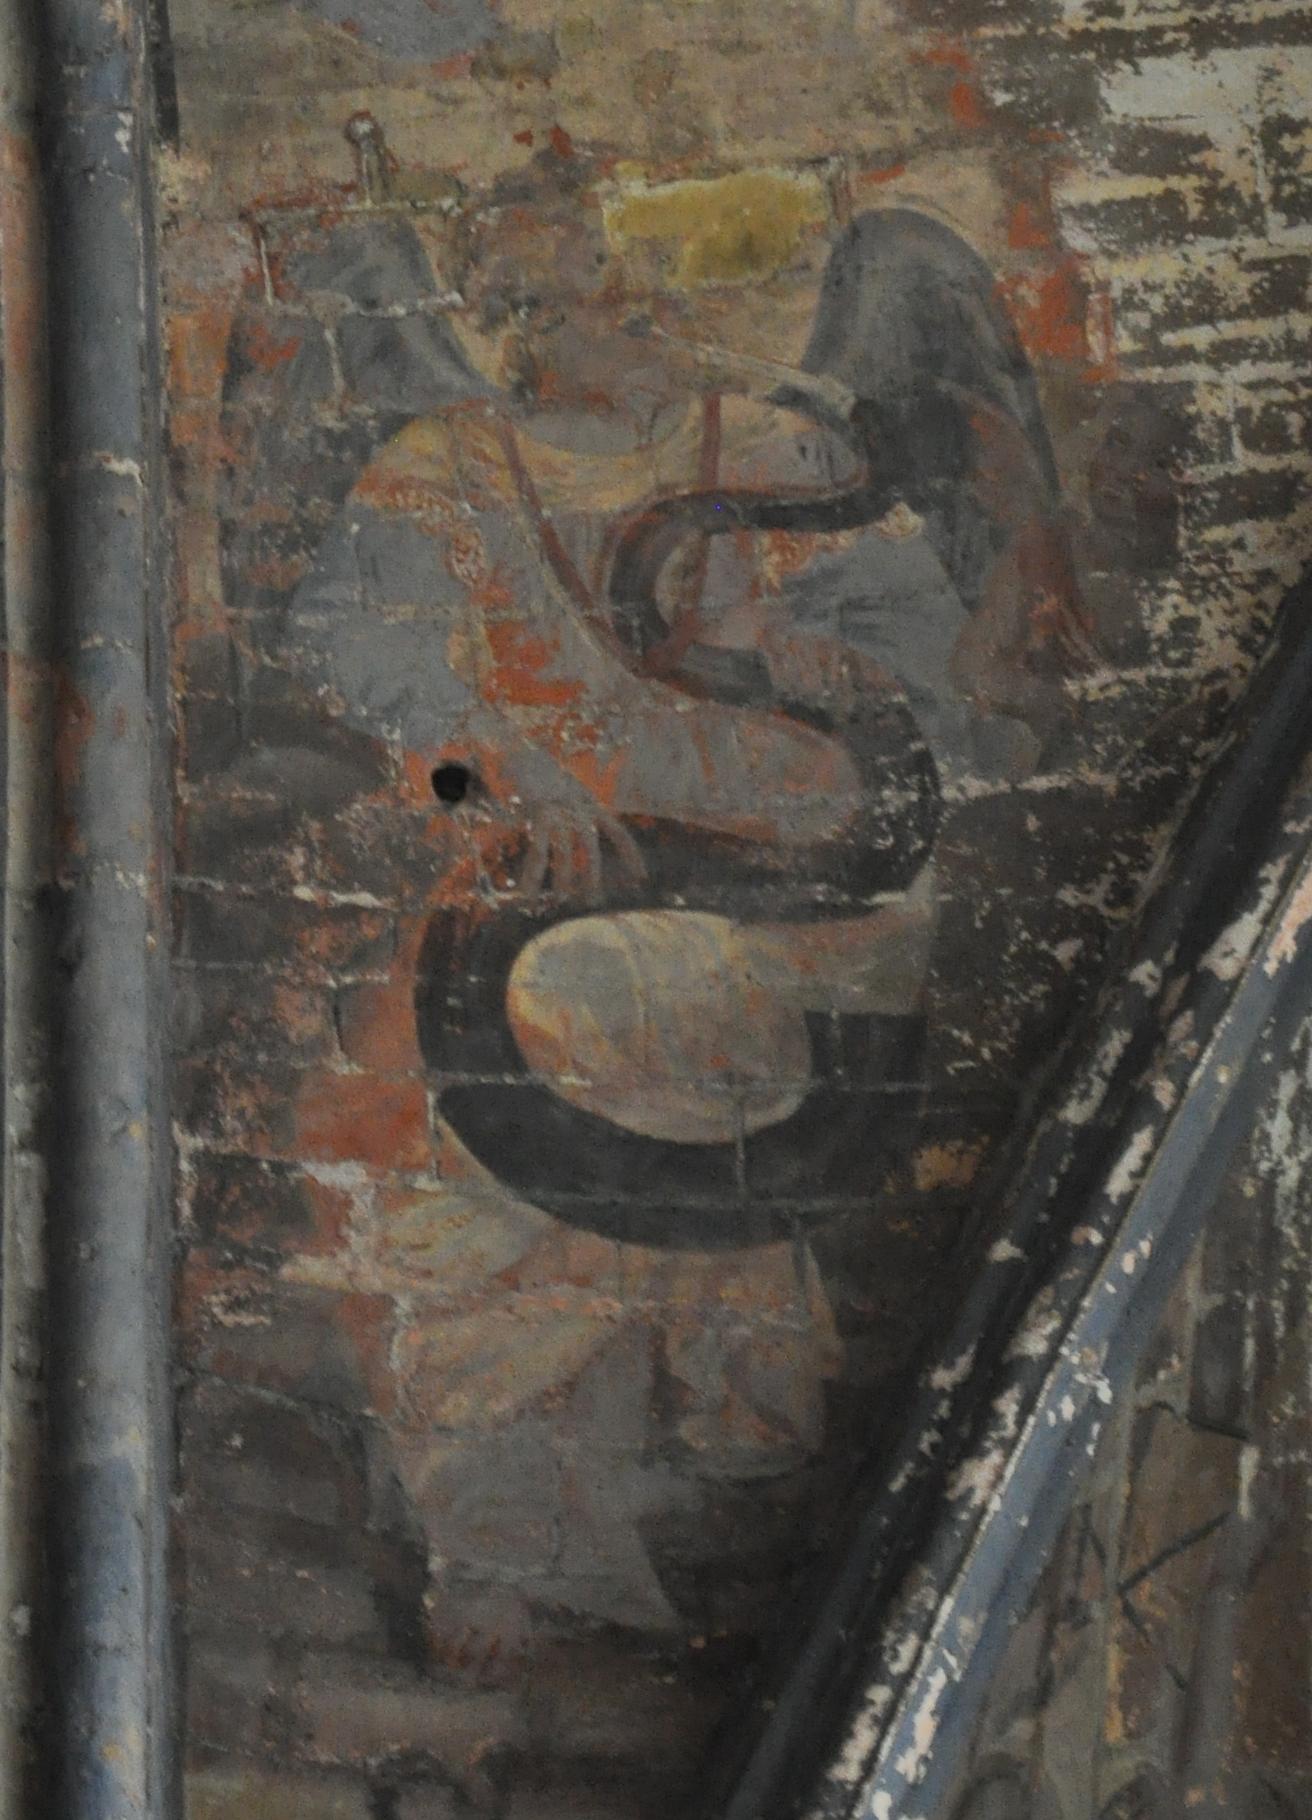 st_ouen_serpent_angel_04